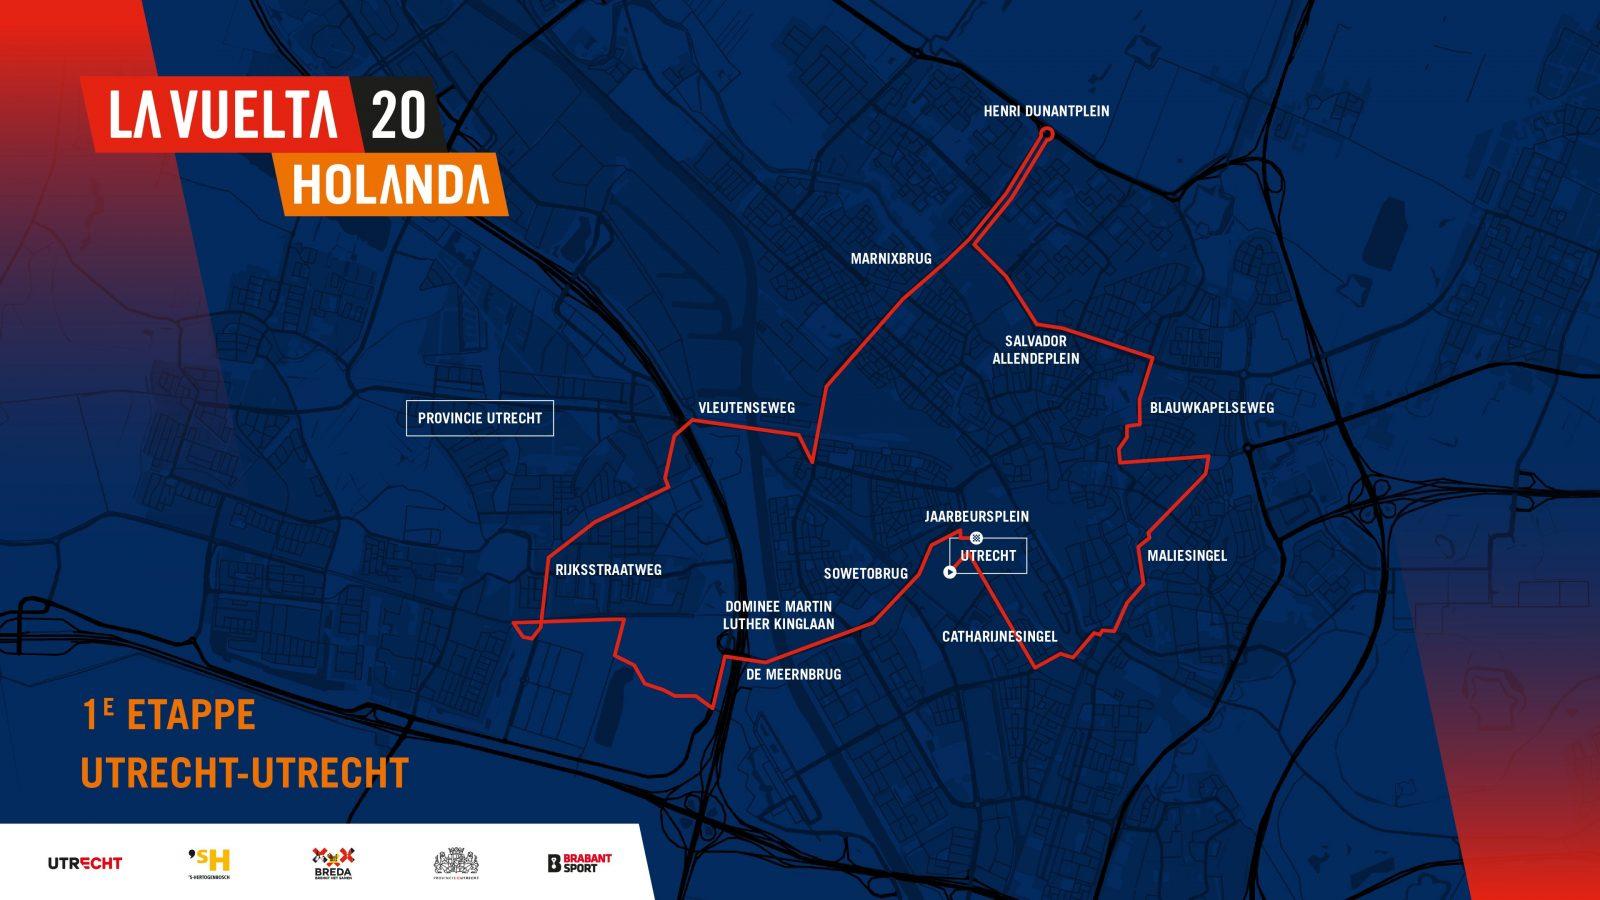 Vuelta 2020 door Leidsche Rijn @ Leidsche Rijn Centrum, Parkwijk, De Meern